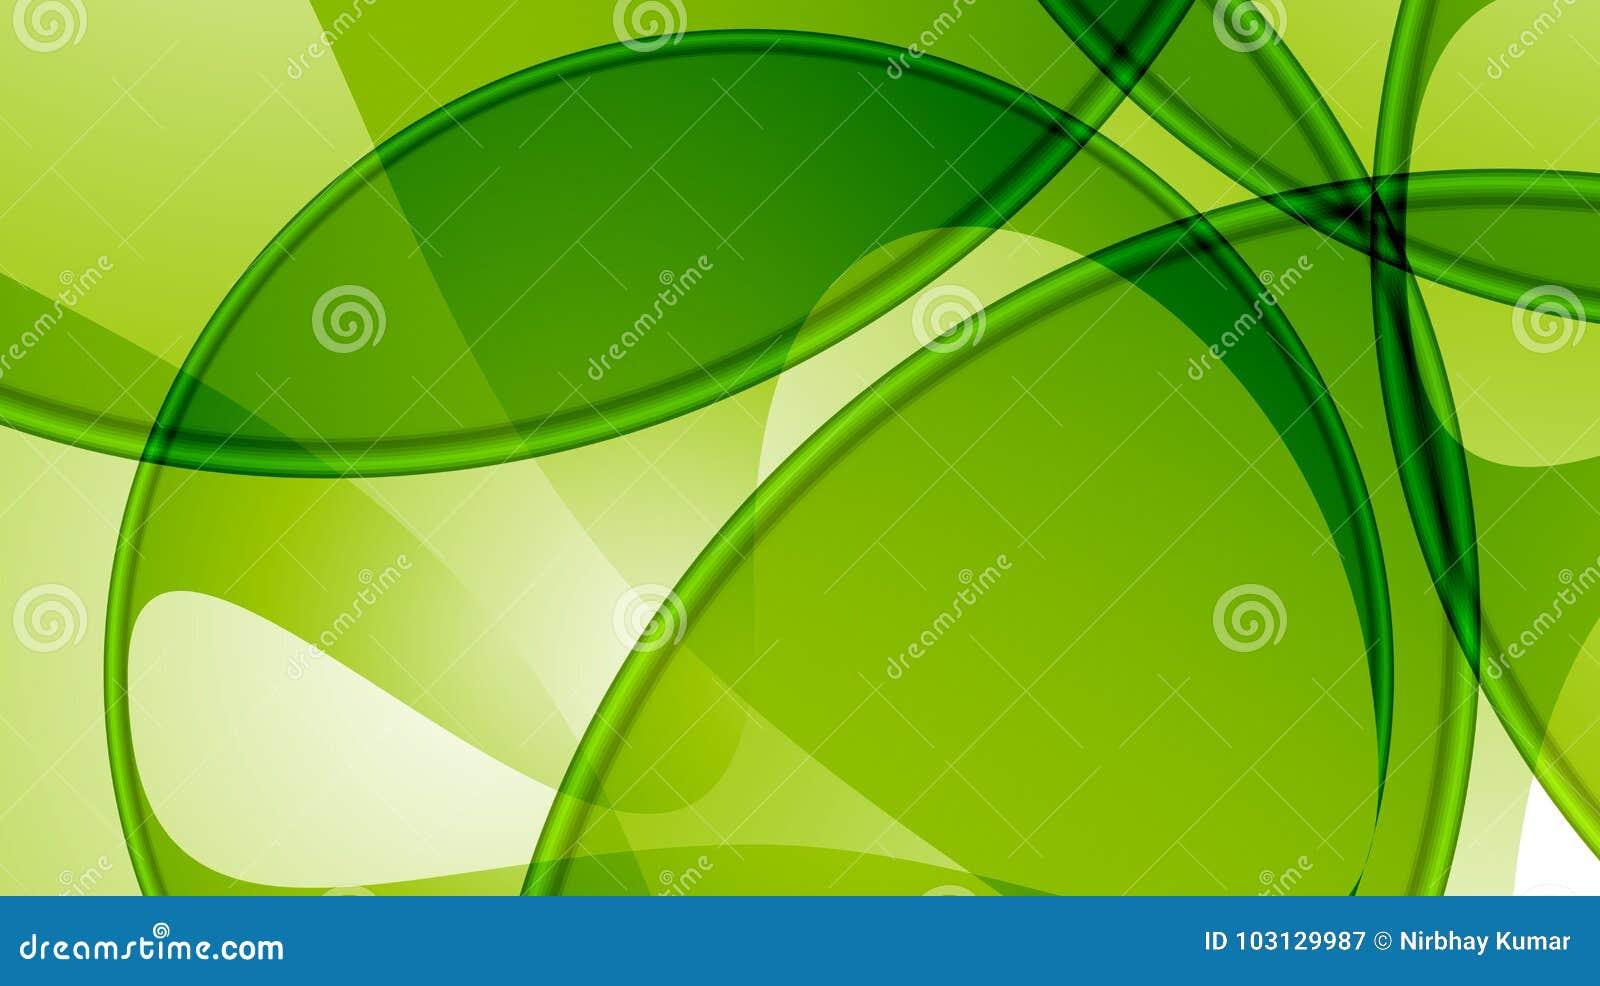 Grünen Sie abstrakte Hintergrundschablone